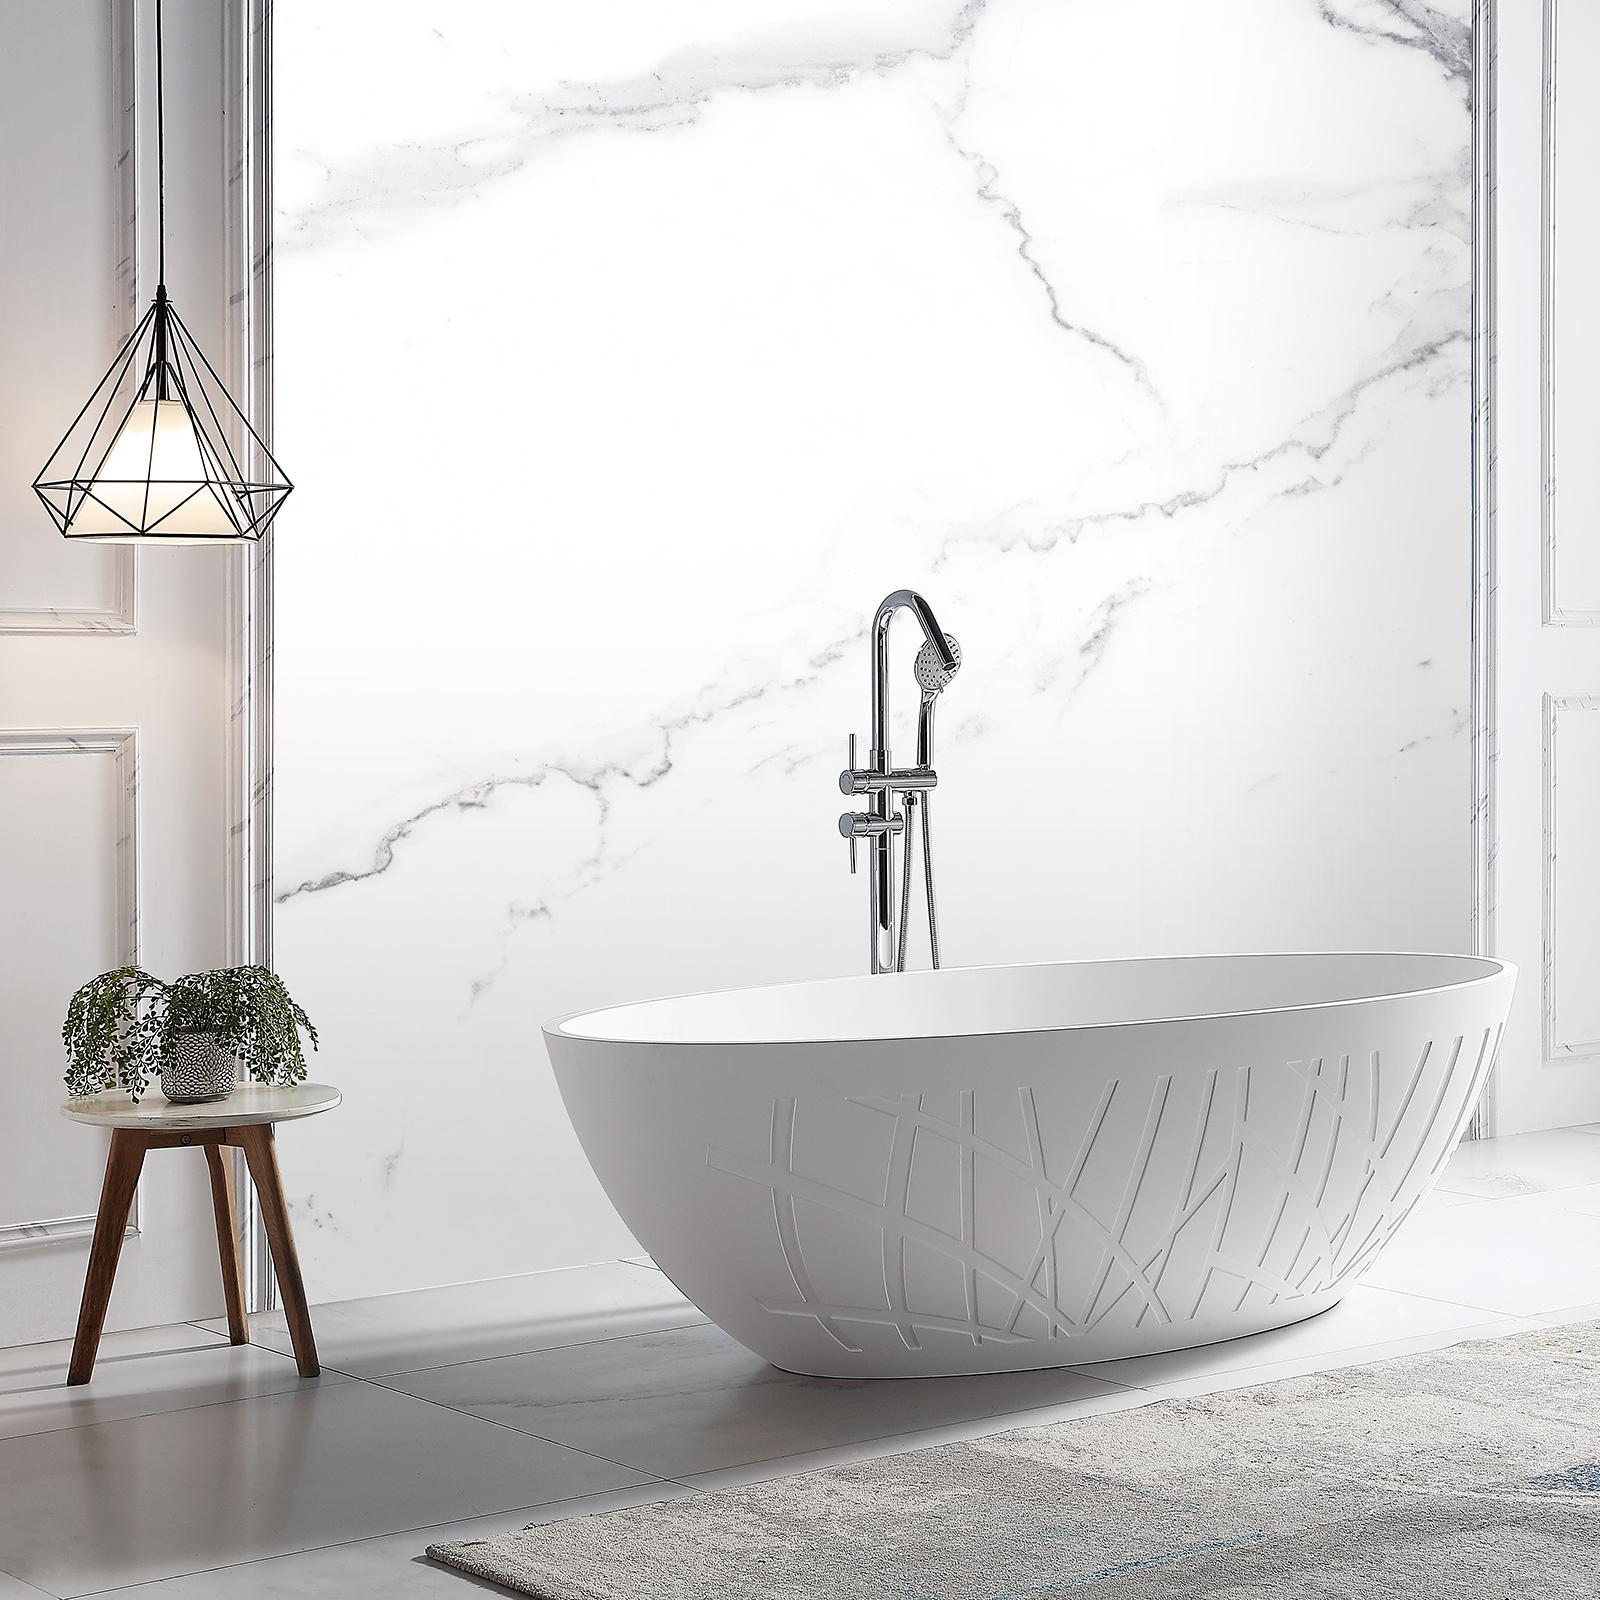 Freistehende Design Badewanne aus Mineralguss LEO Weiß matt - 180 x 85 x 52 cm - inkl. Standarmatur NT6982